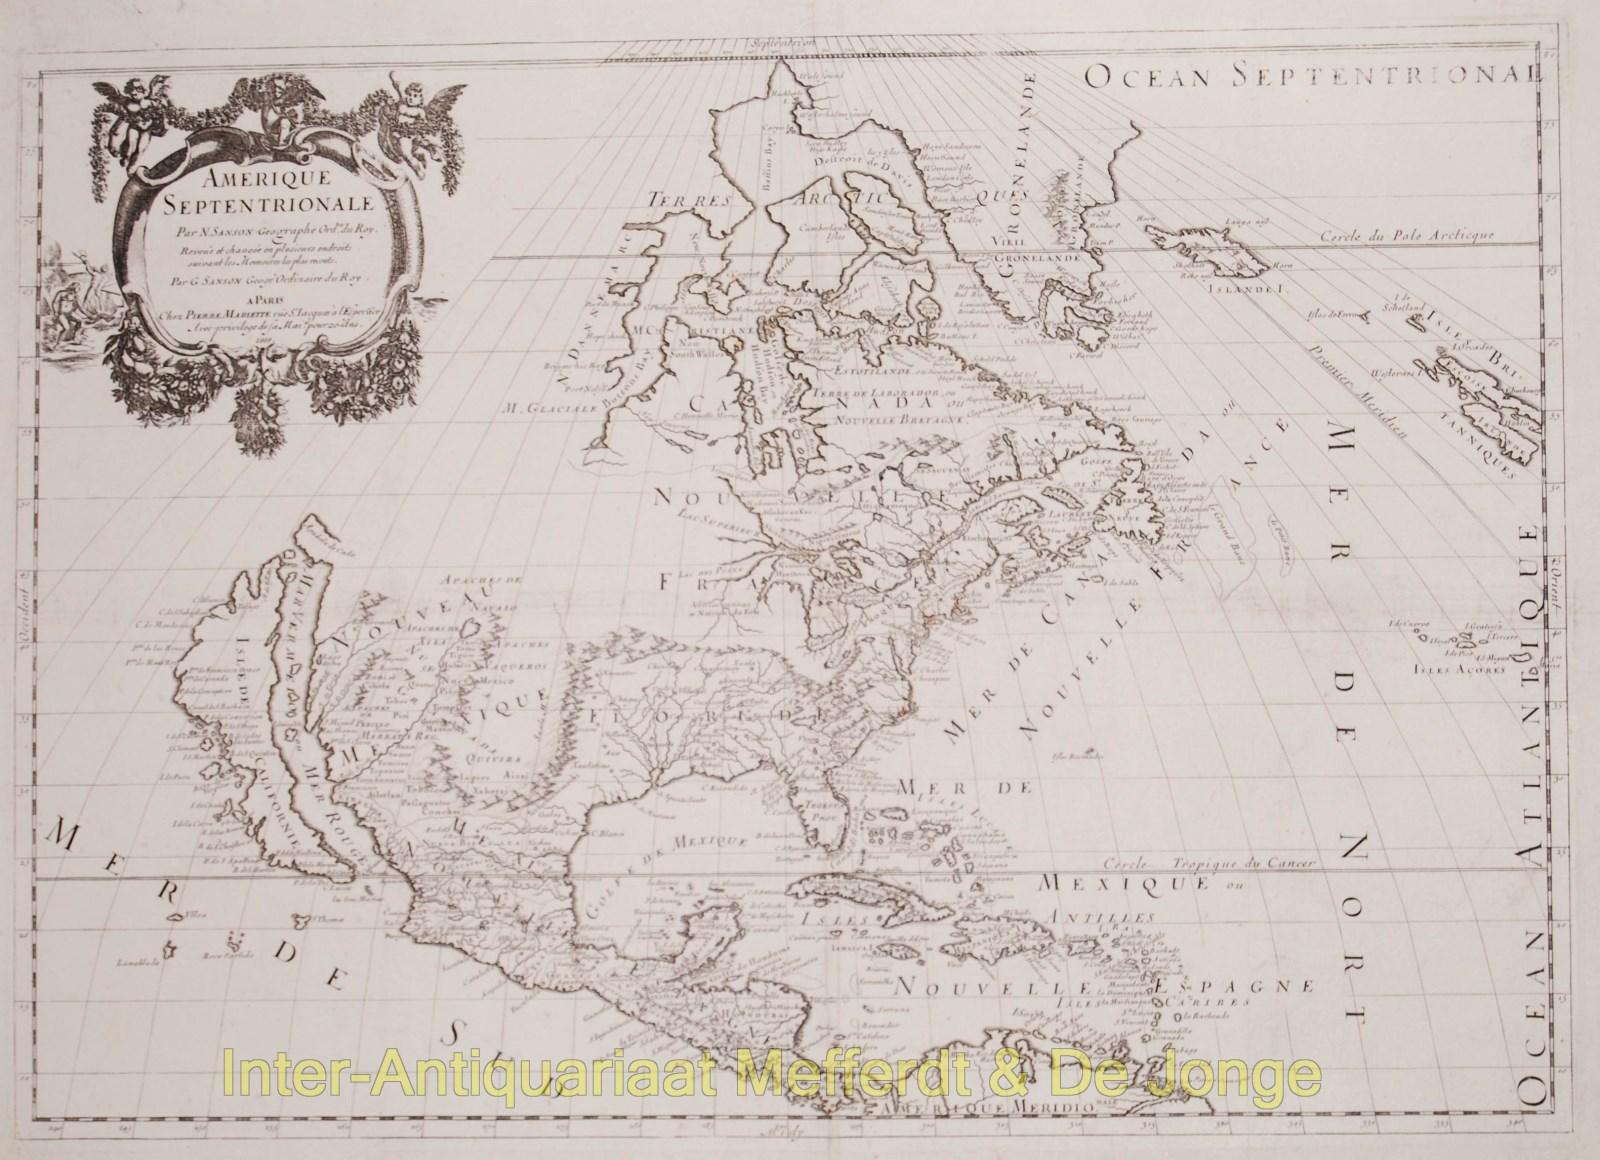 Antique Map Of North America.North America Antique Map Sanson Inter Antiquariaat Mefferdt